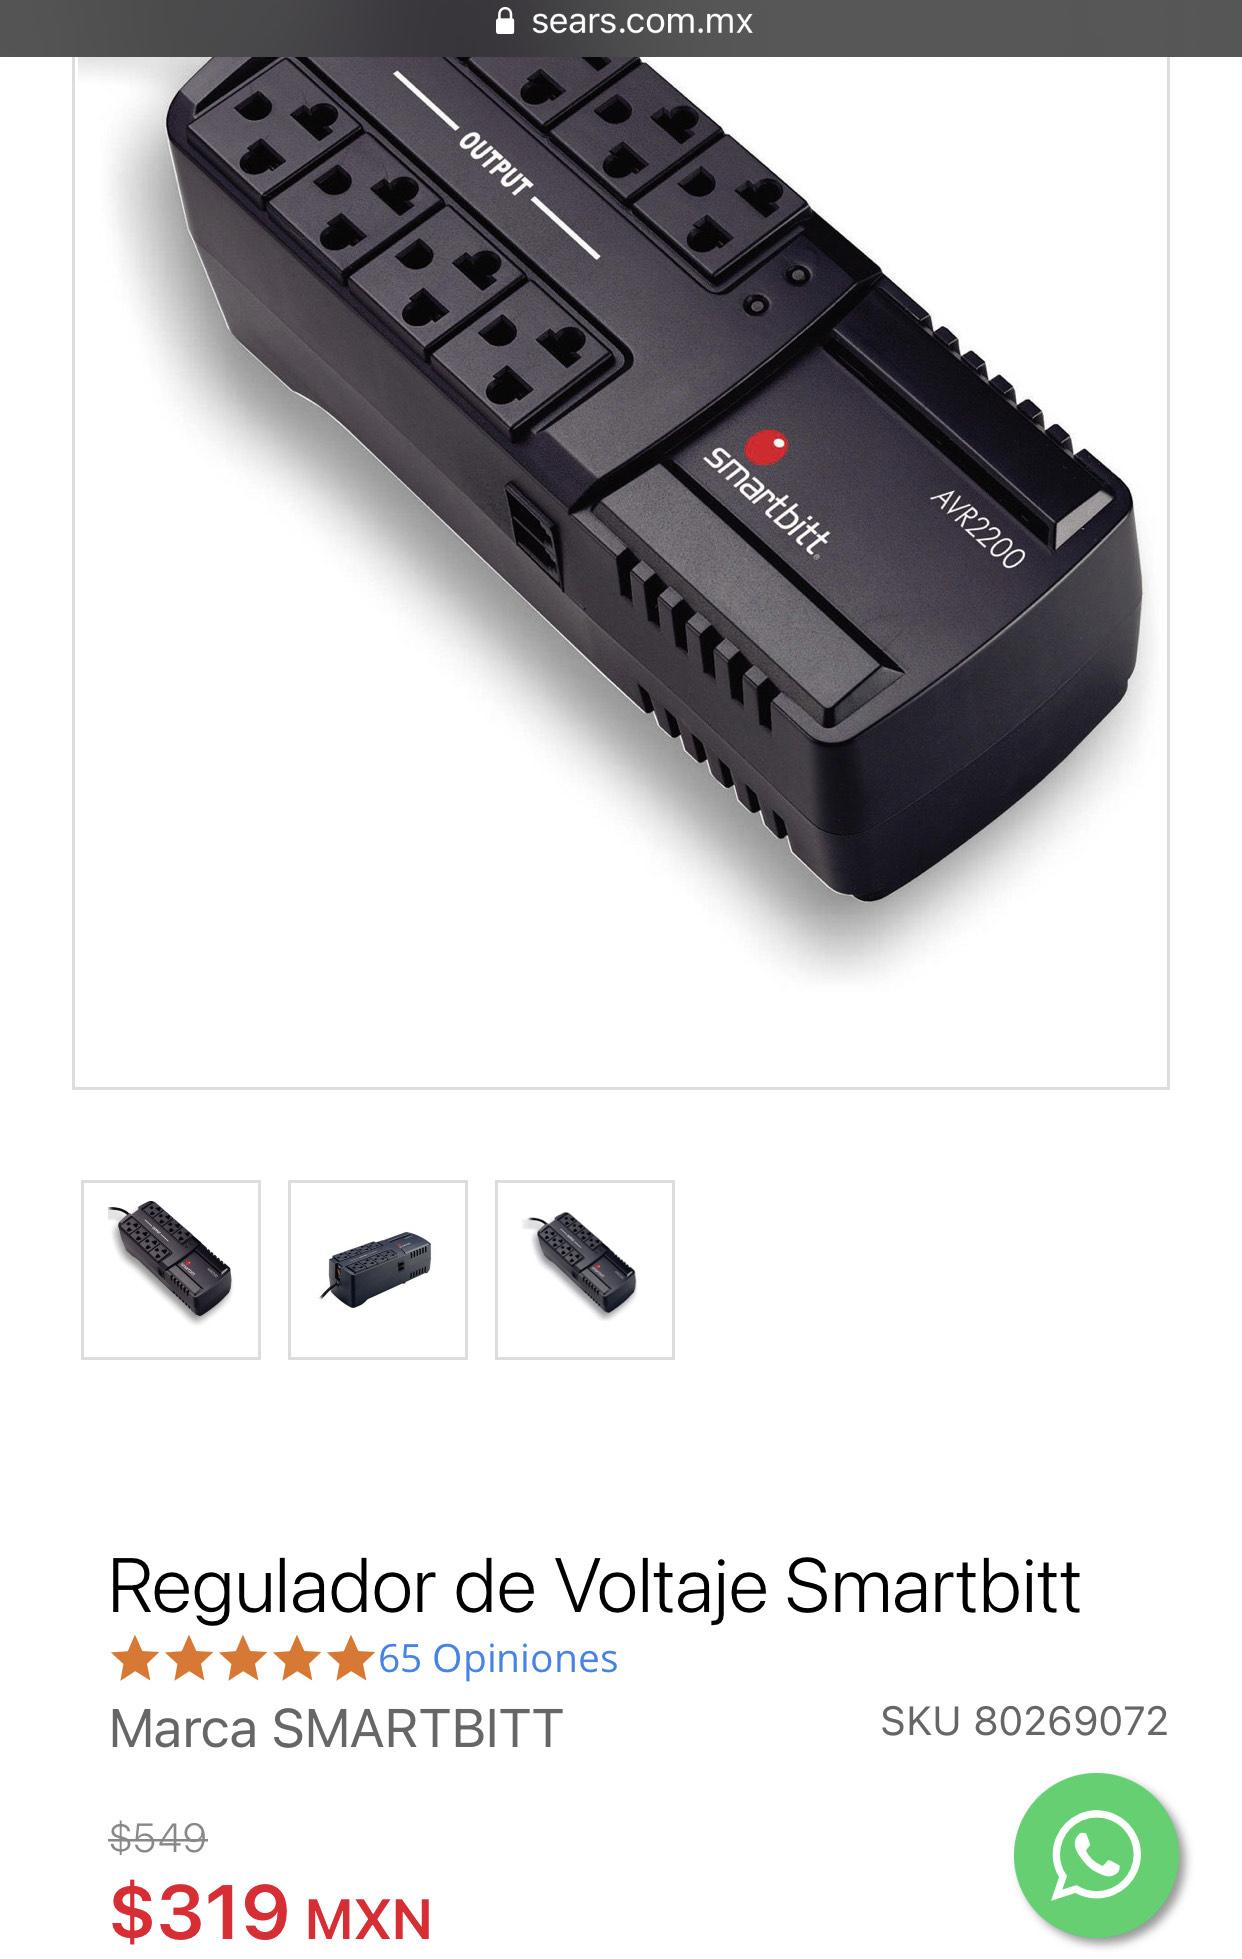 Sears: Regulador de Voltaje Smartbitt 2200 VA